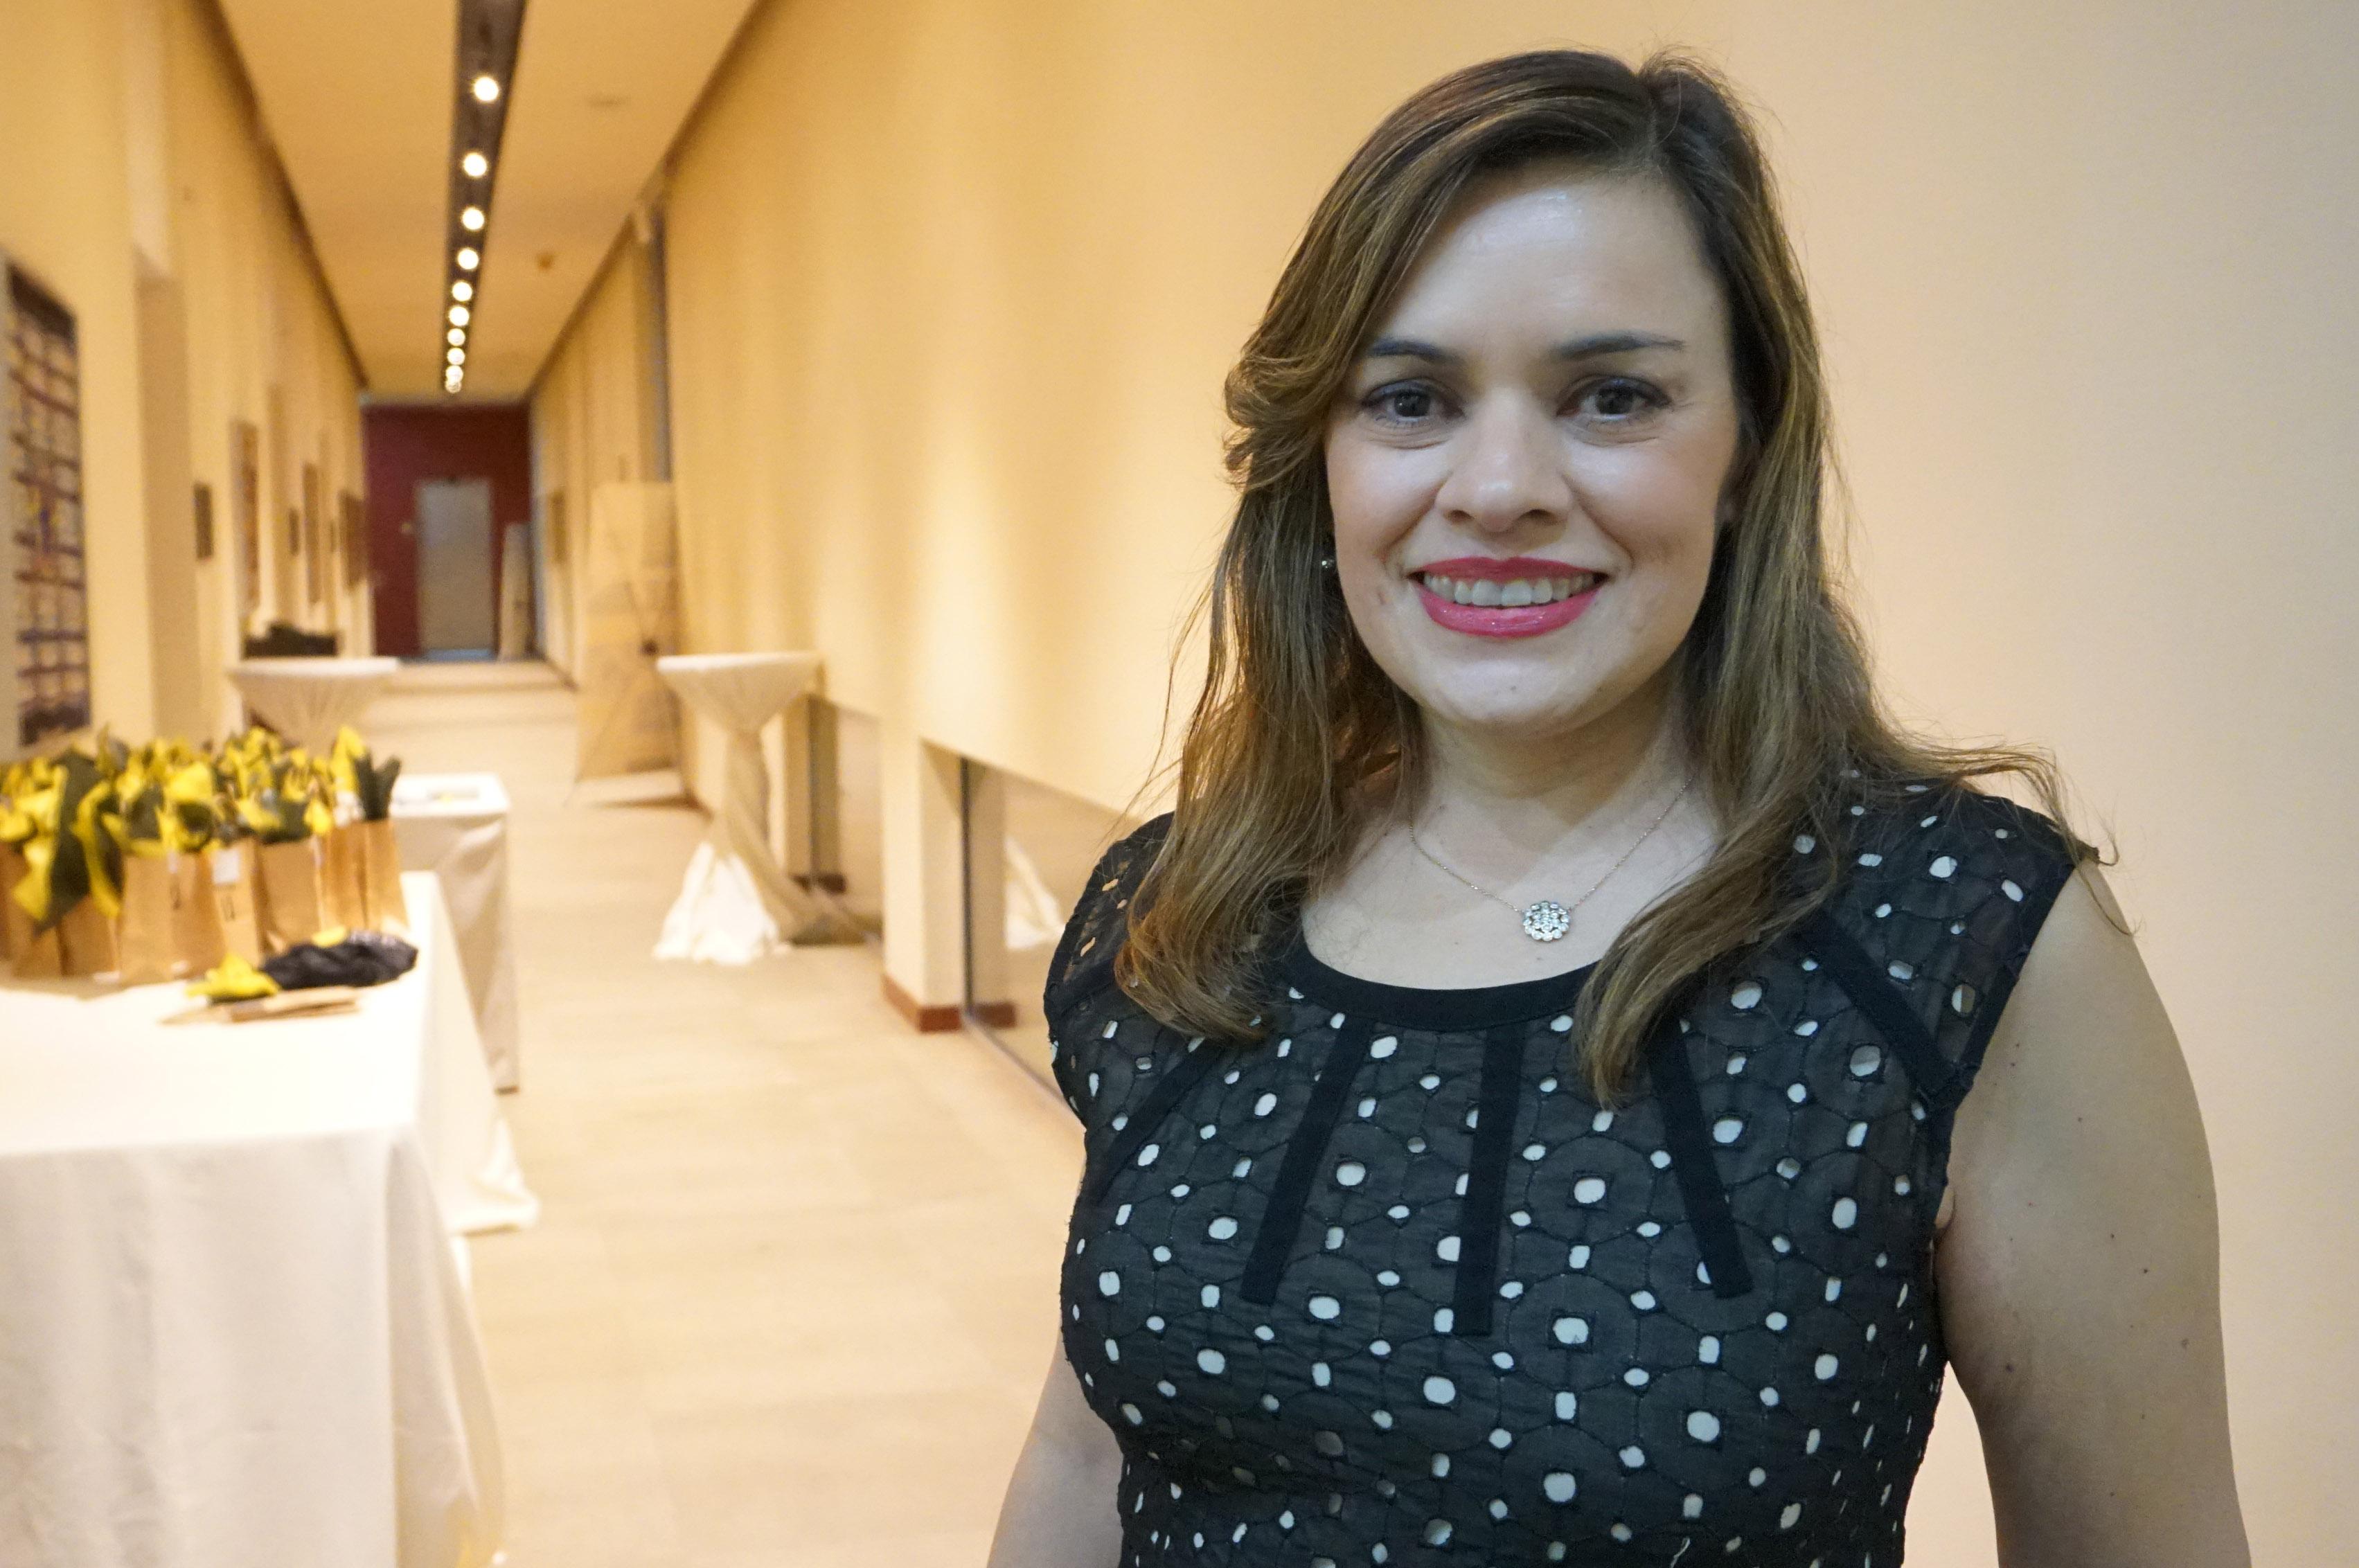 Giselle una CETYS Alumni coach de estilo y de vida